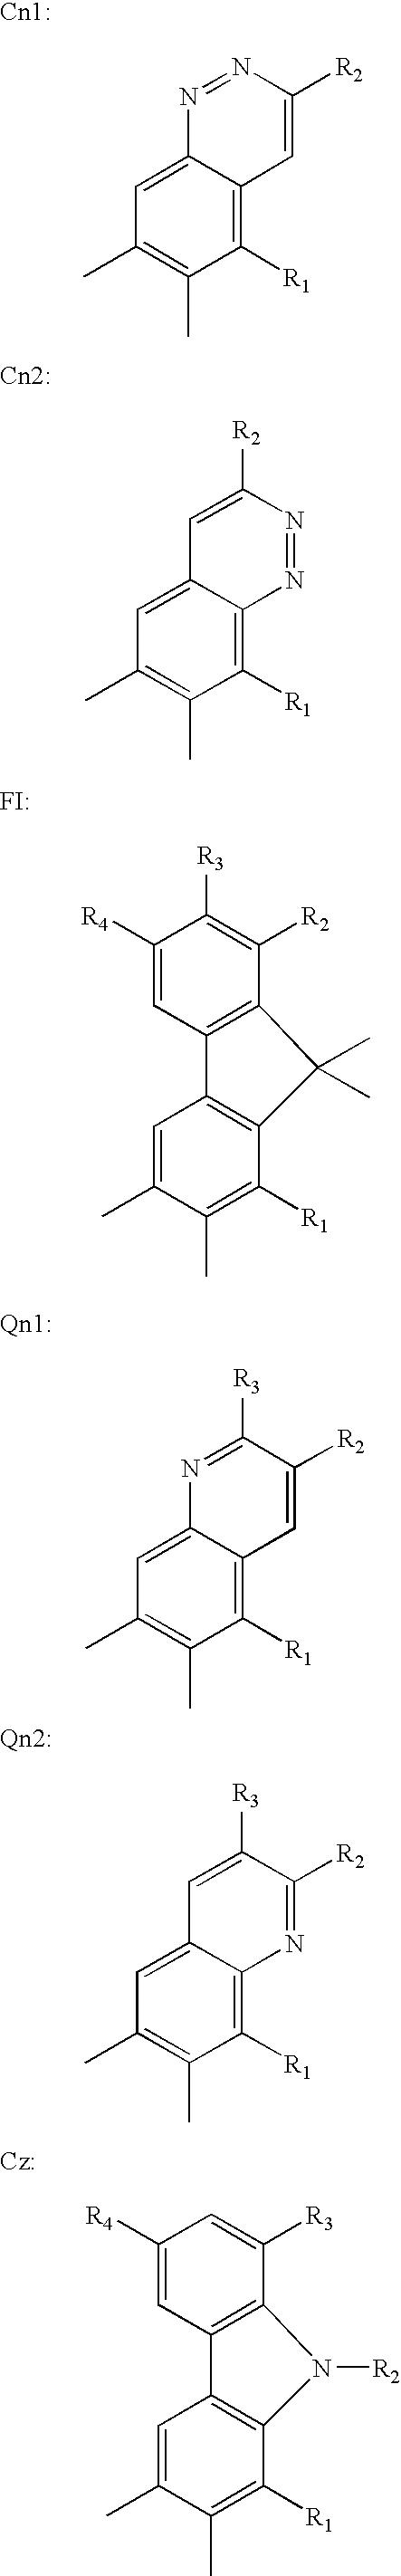 Figure US06953628-20051011-C00005